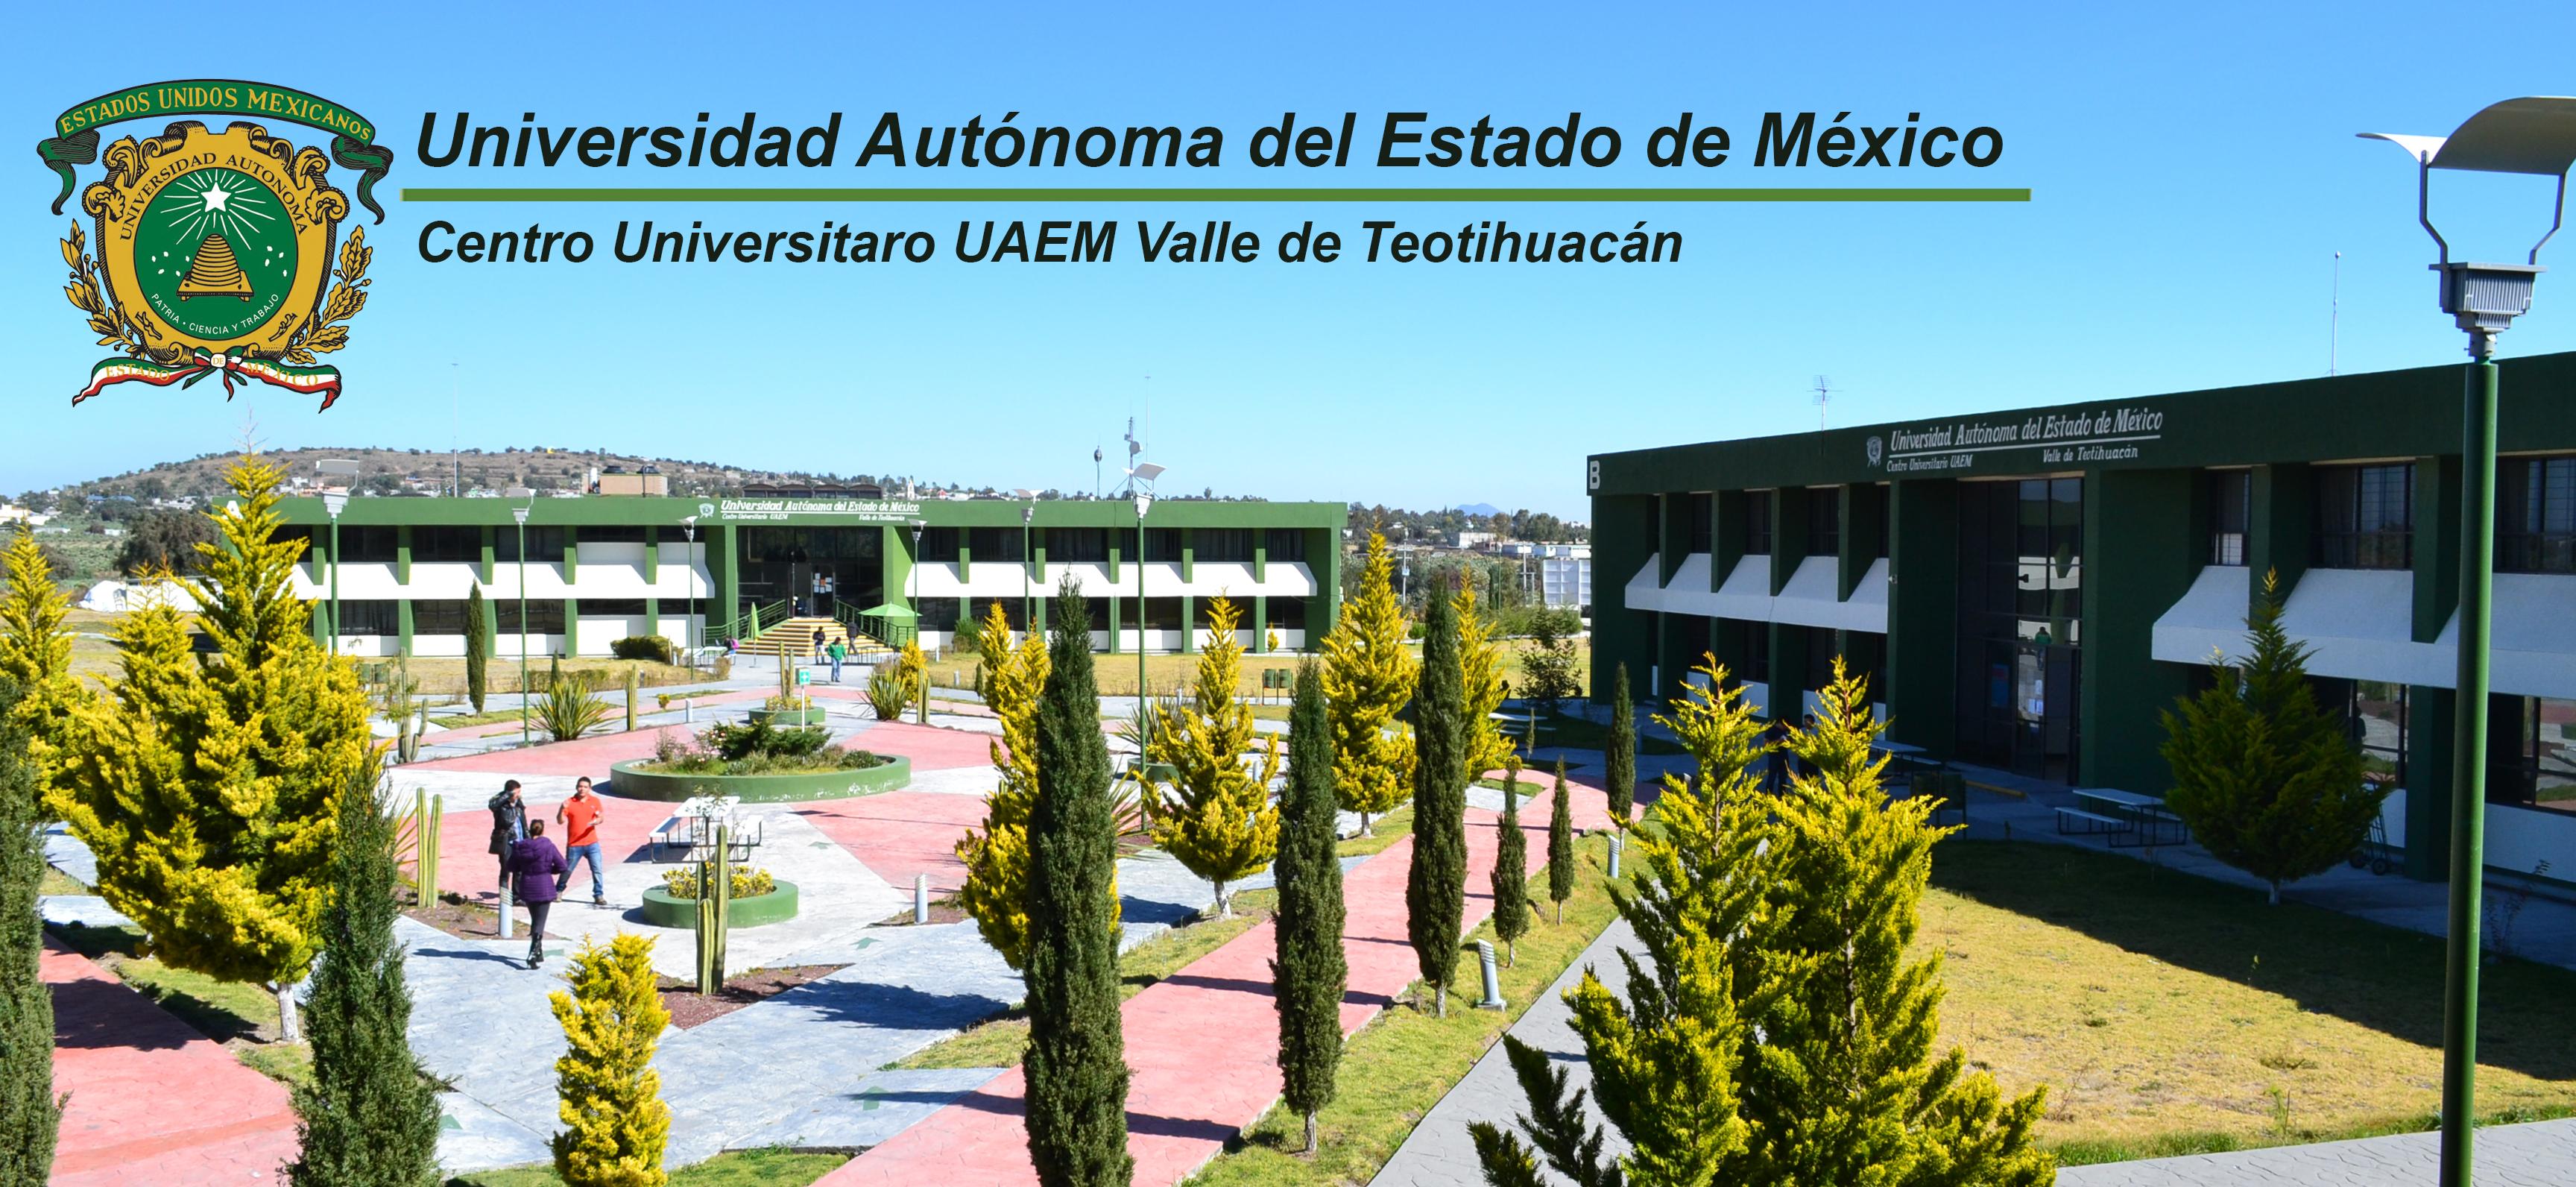 Centro Universitario UAEM Valle de Teotihuacan